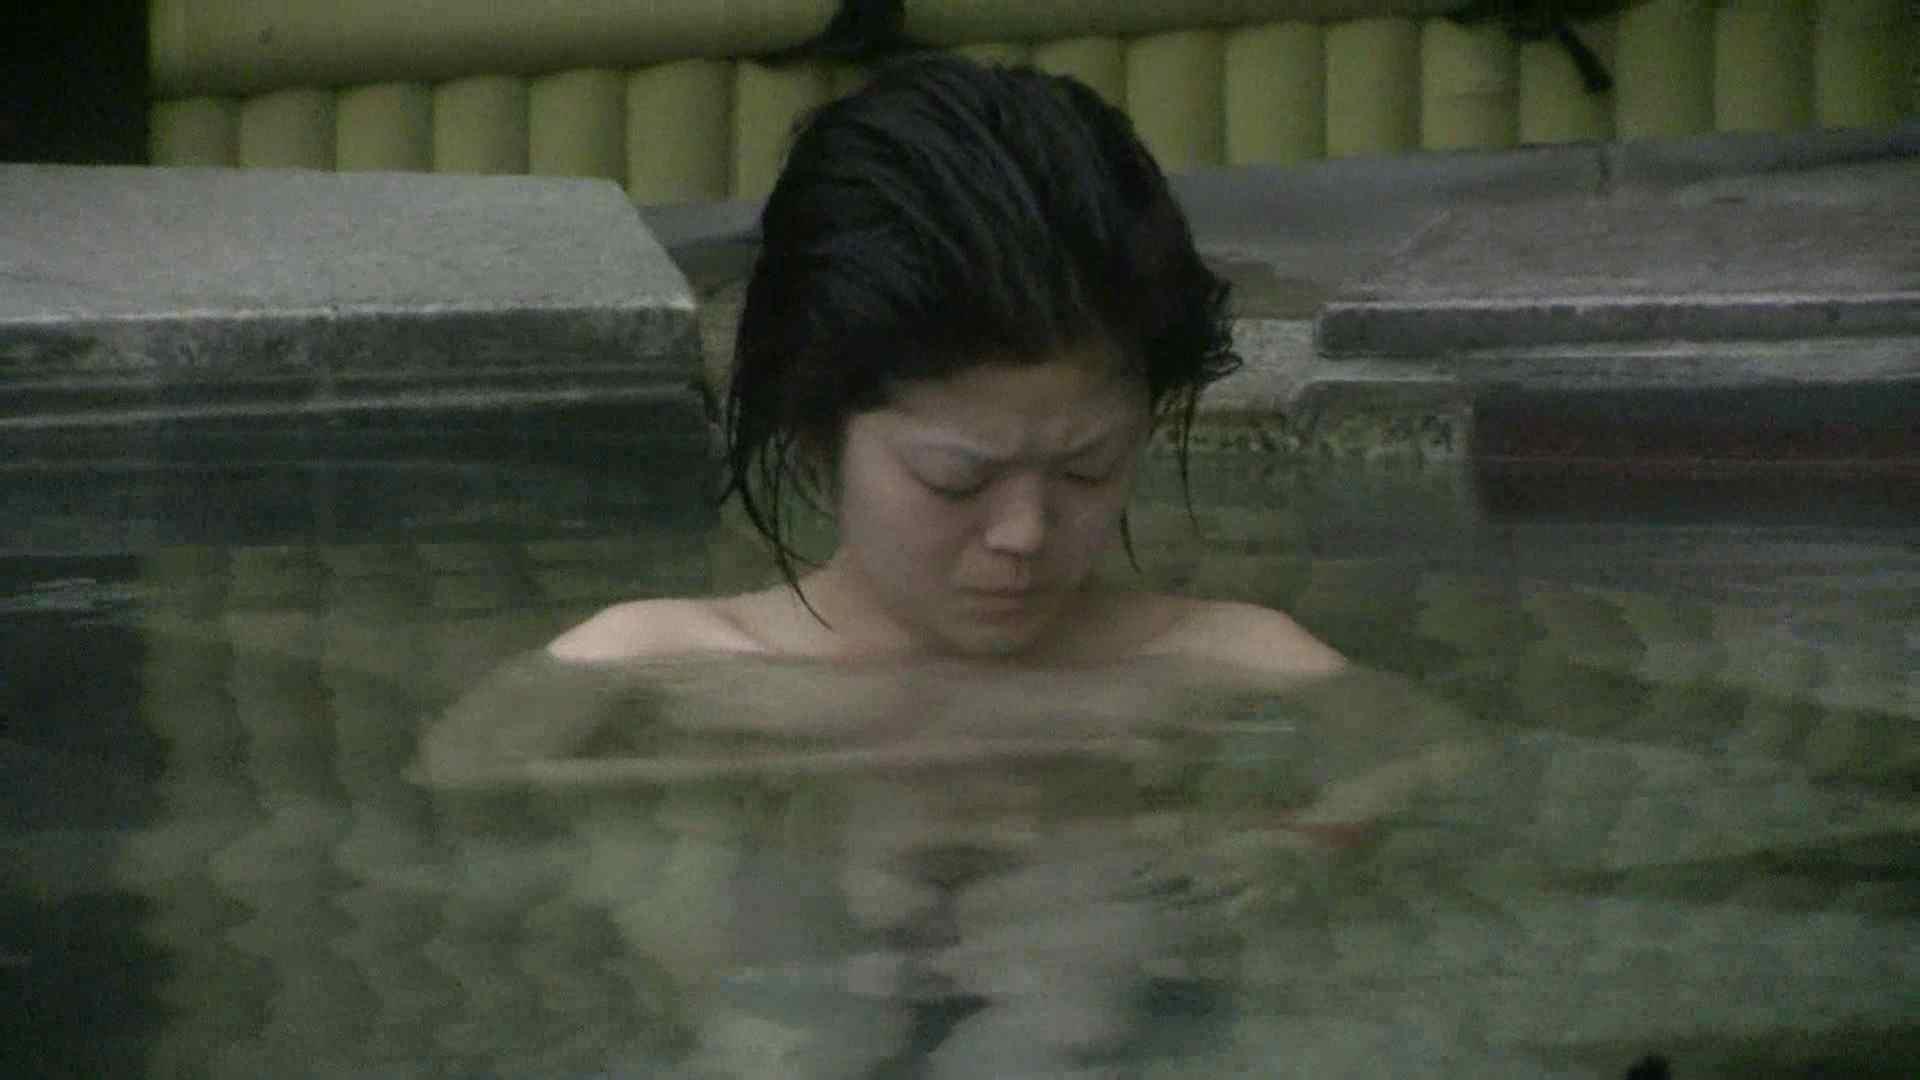 Aquaな露天風呂Vol.538 OLのエロ生活   盗撮  90連発 64